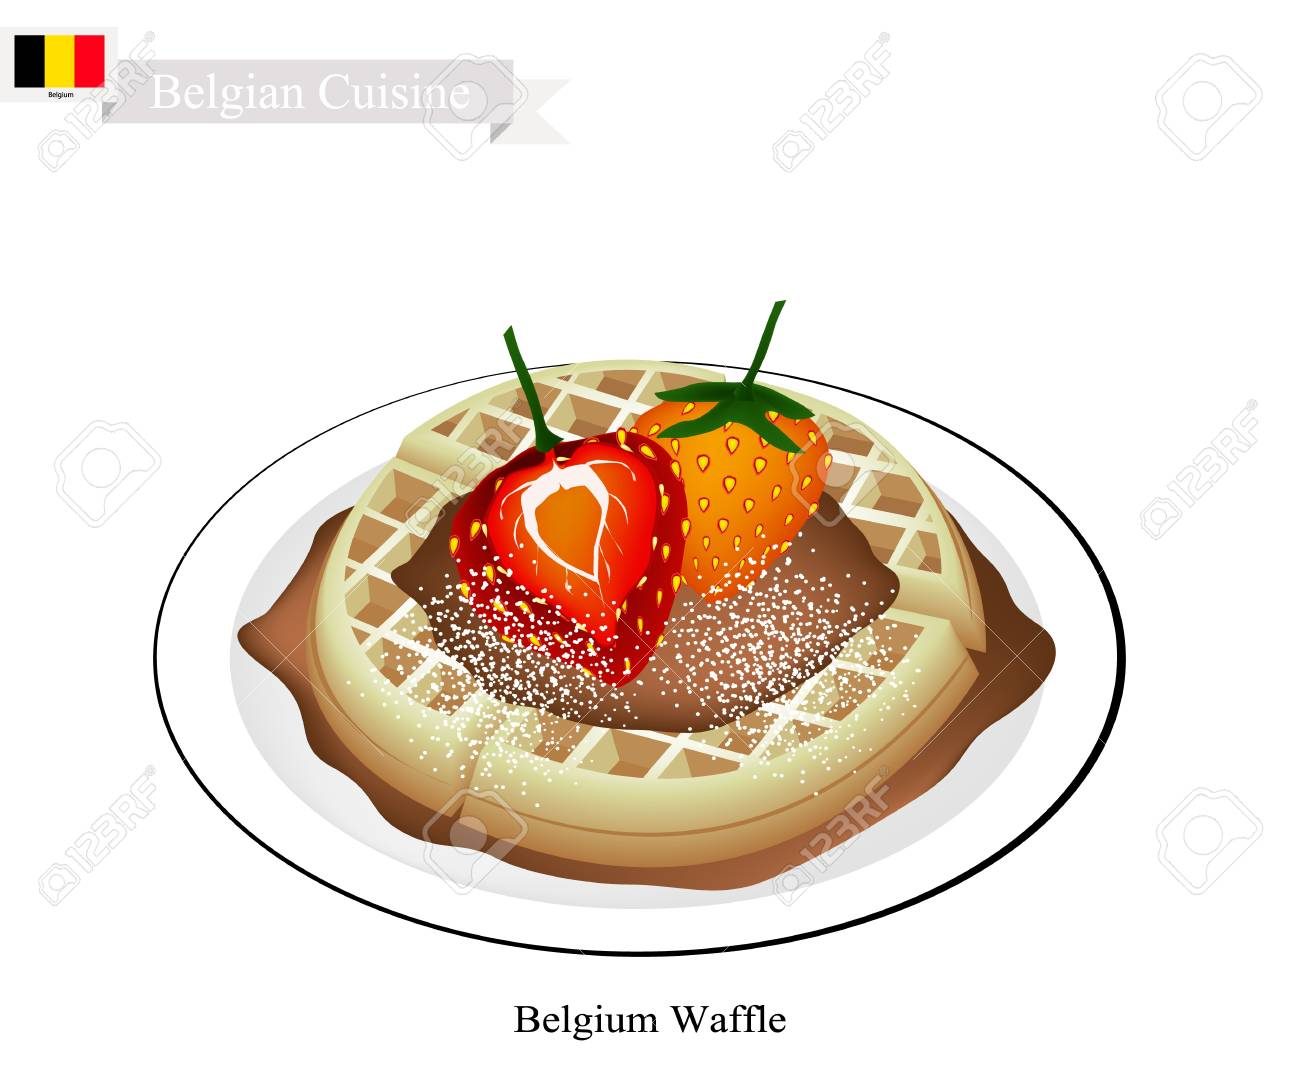 Belgische Küche, Belgien Waffel Oder Traditionelle Runde Waffel Garniert  Mit Erdbeeren Und Sirup. Eines